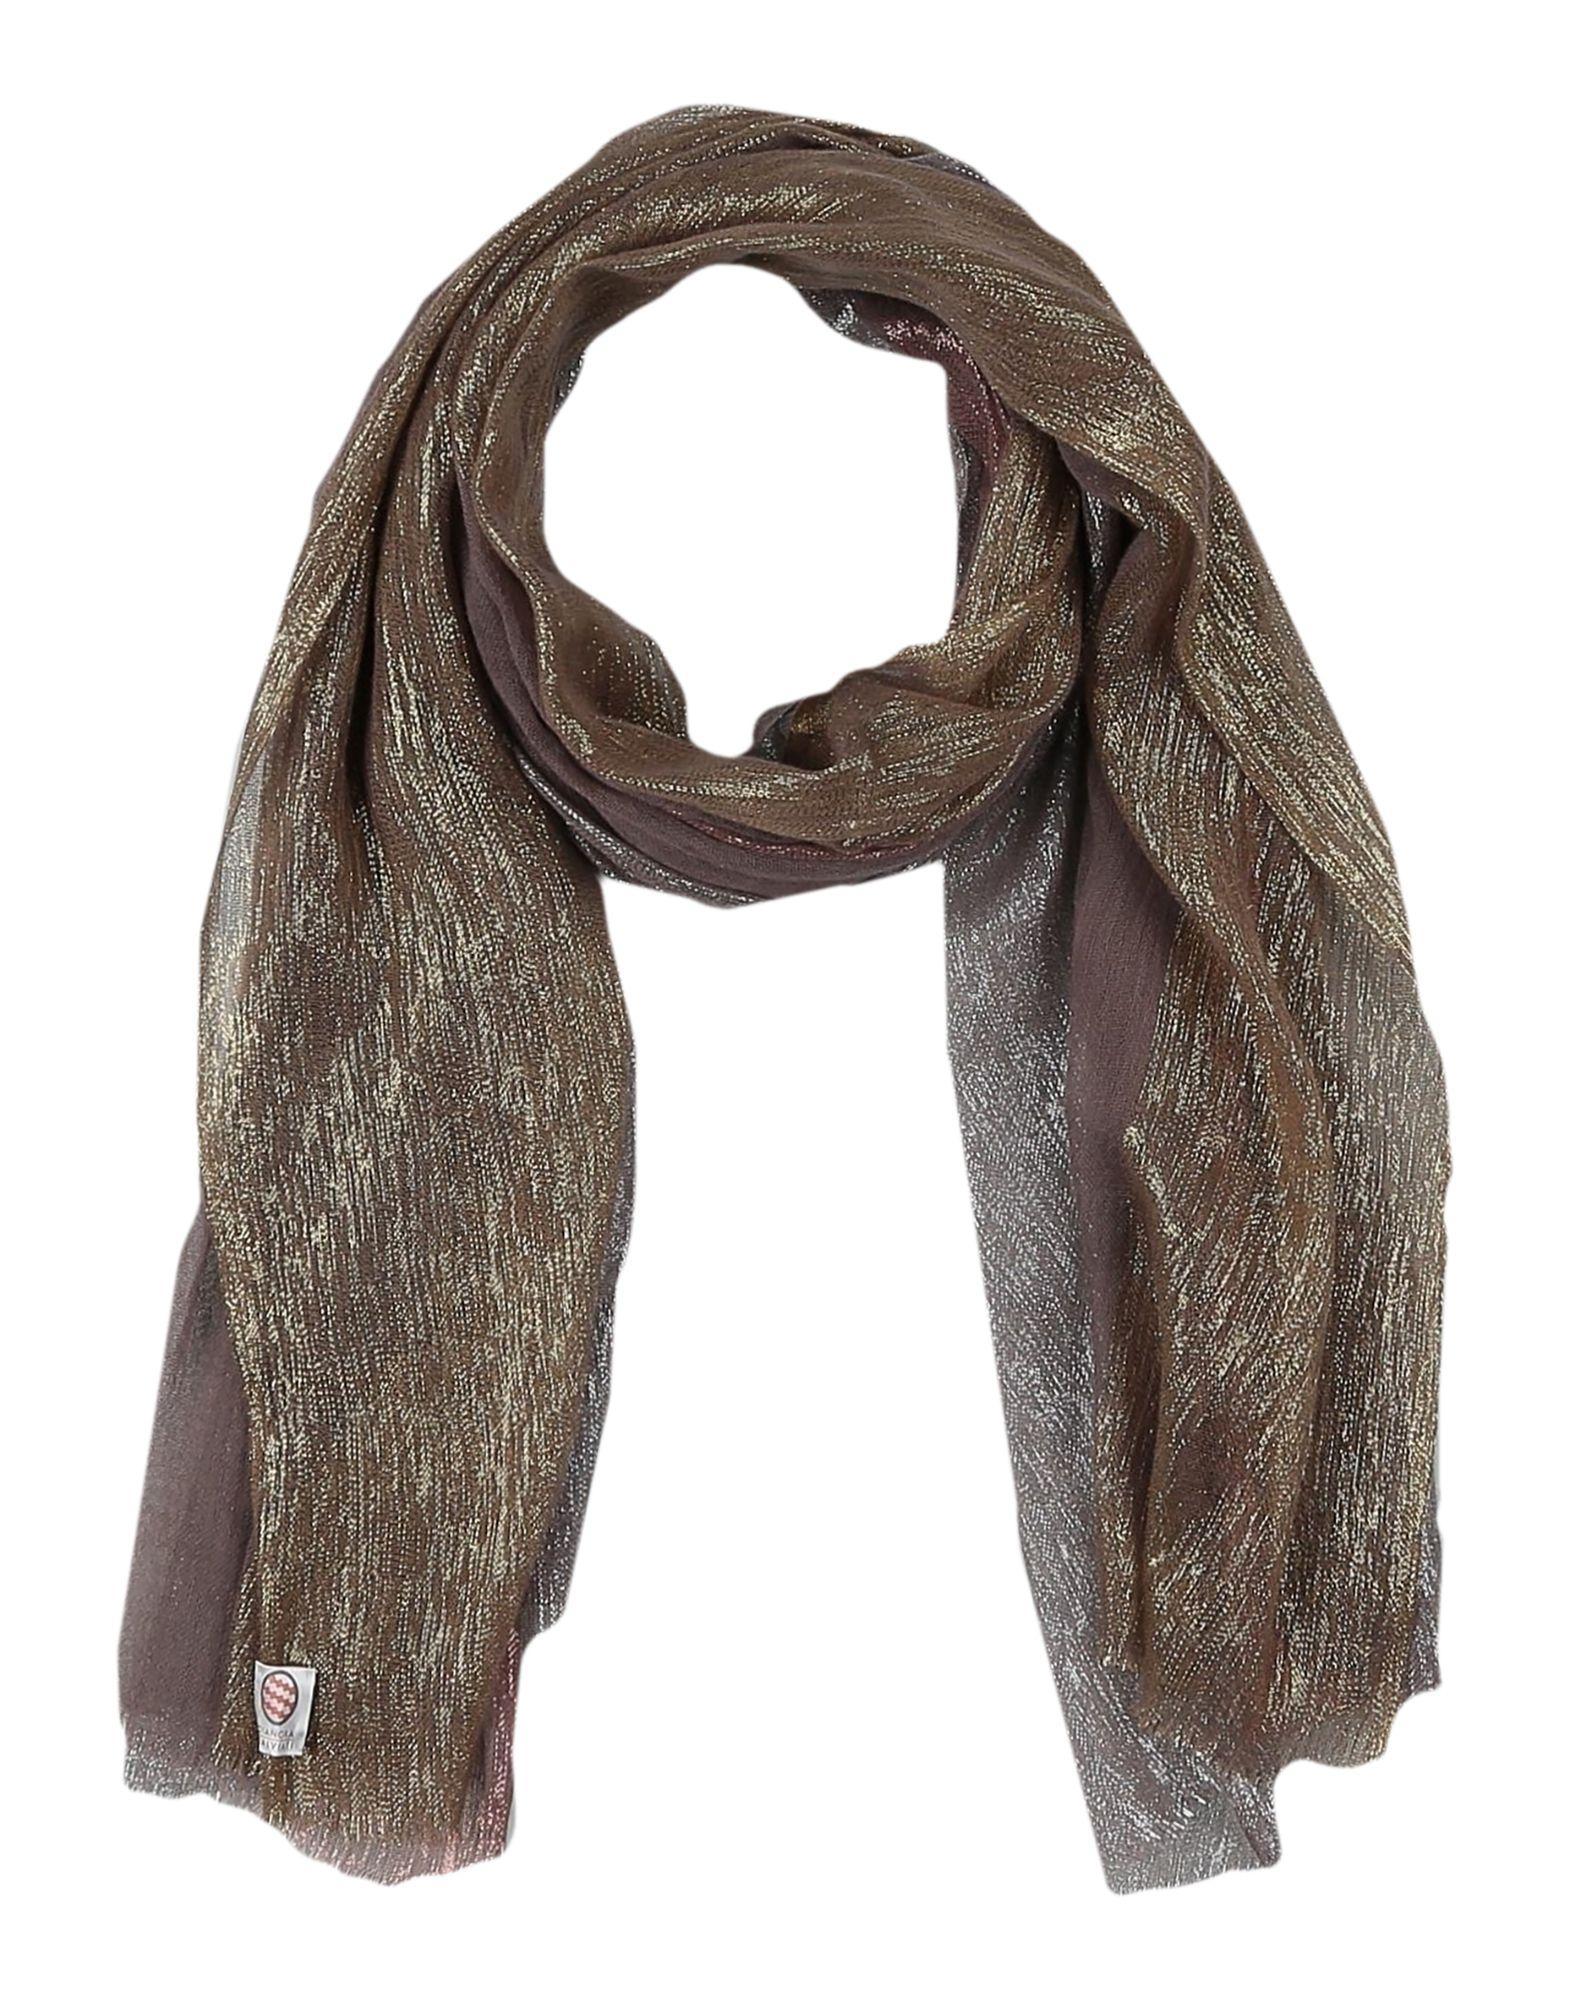 d37e2a550 Dianora Salviati. Estola de mujer de color marrón